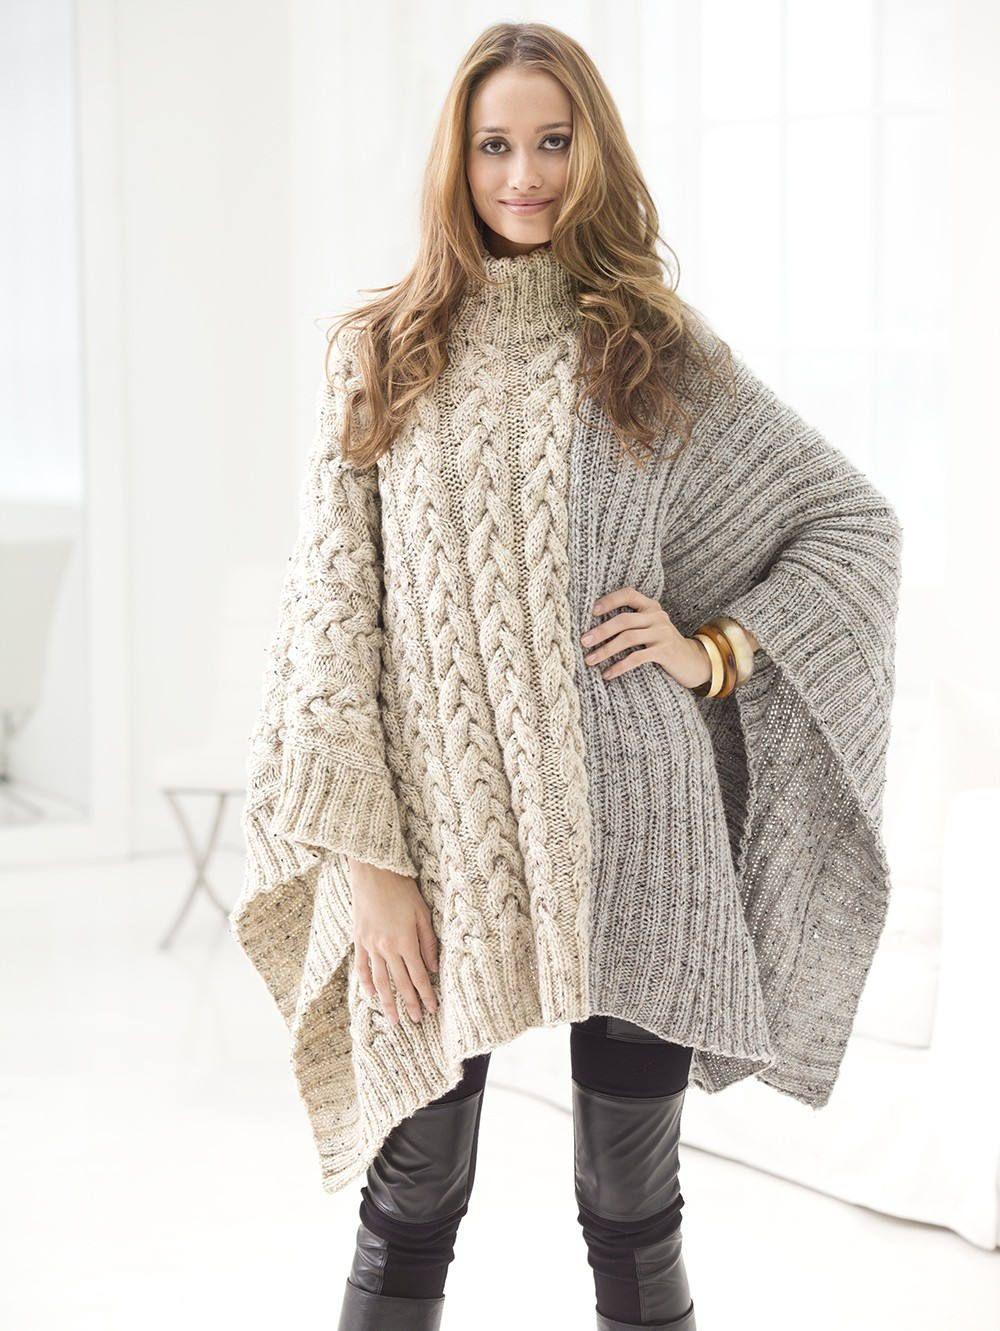 Poncho para las mujeres cabo. Suéter de las mujeres de lana | Tejido ...